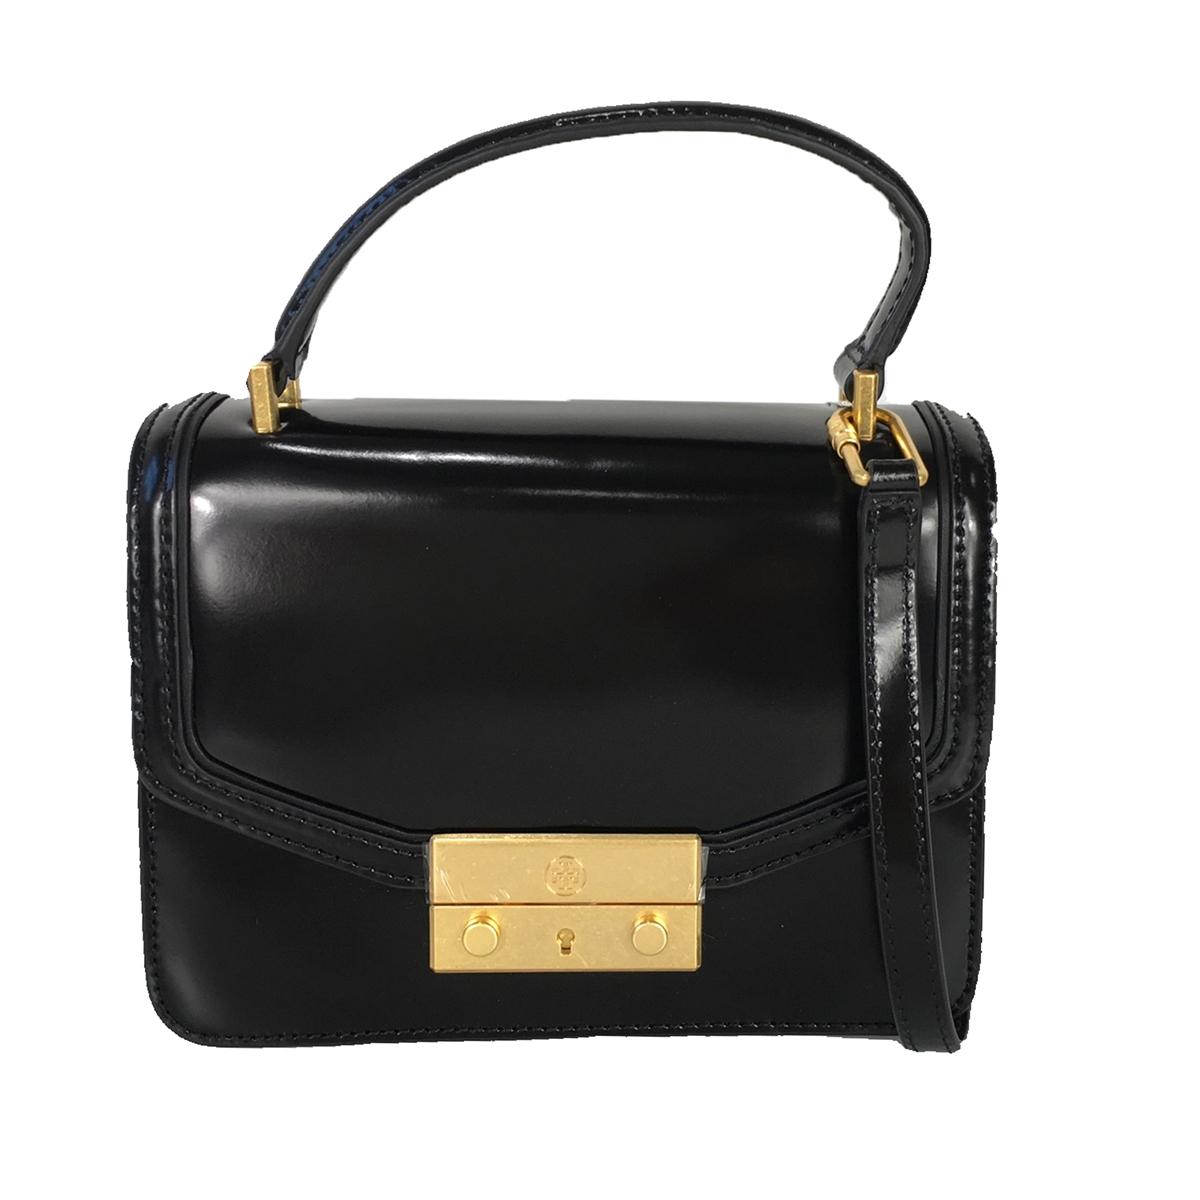 20d81a5e1d5 Tory Burch Juliette Mini Patent Leather Top Handle Satchel ...